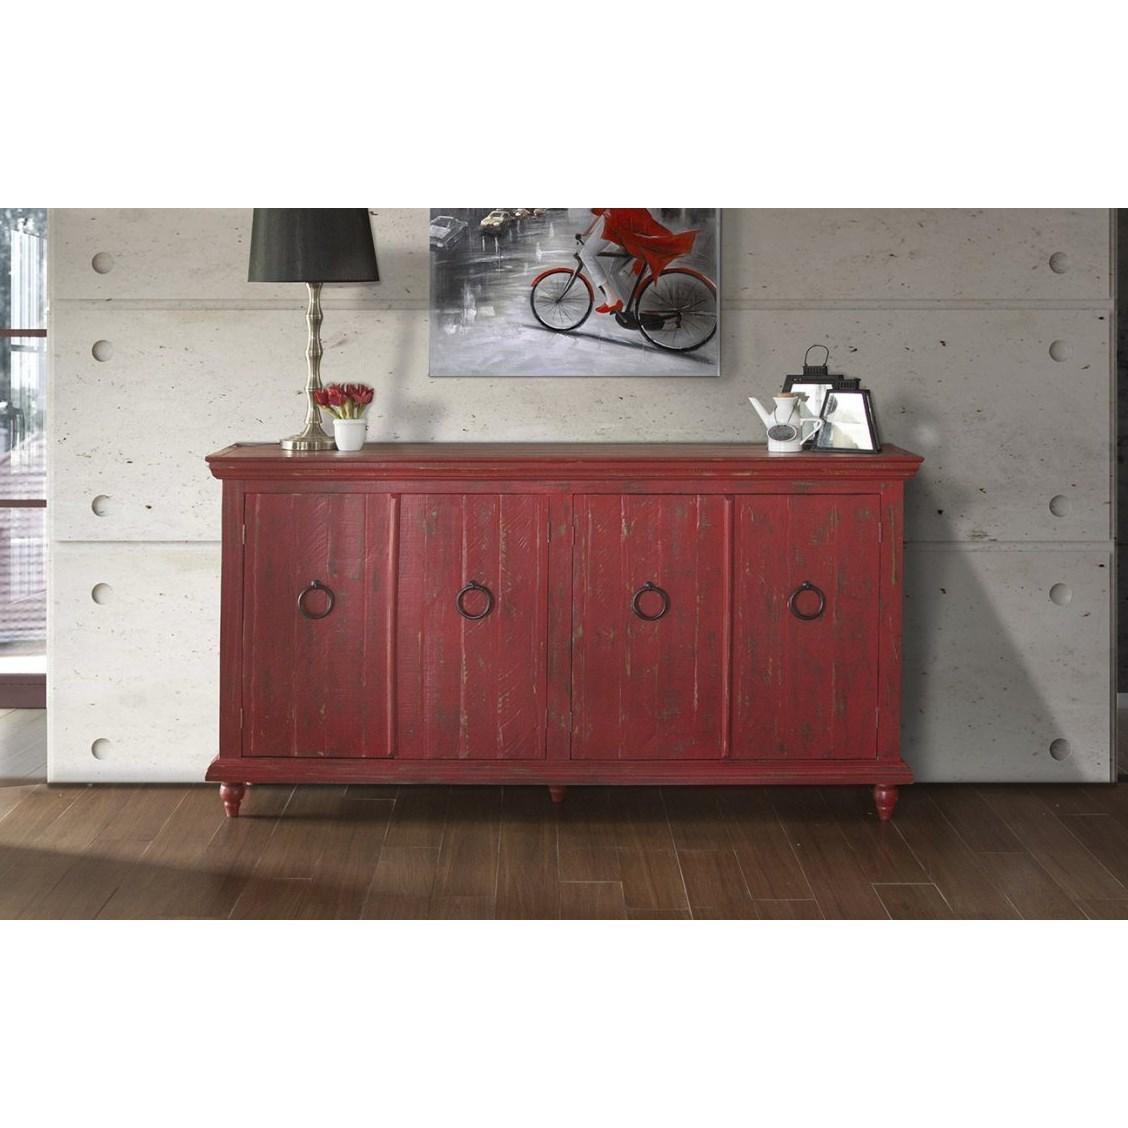 Accent Furniture Direct: International Furniture Direct Capri IFD990CONS-R